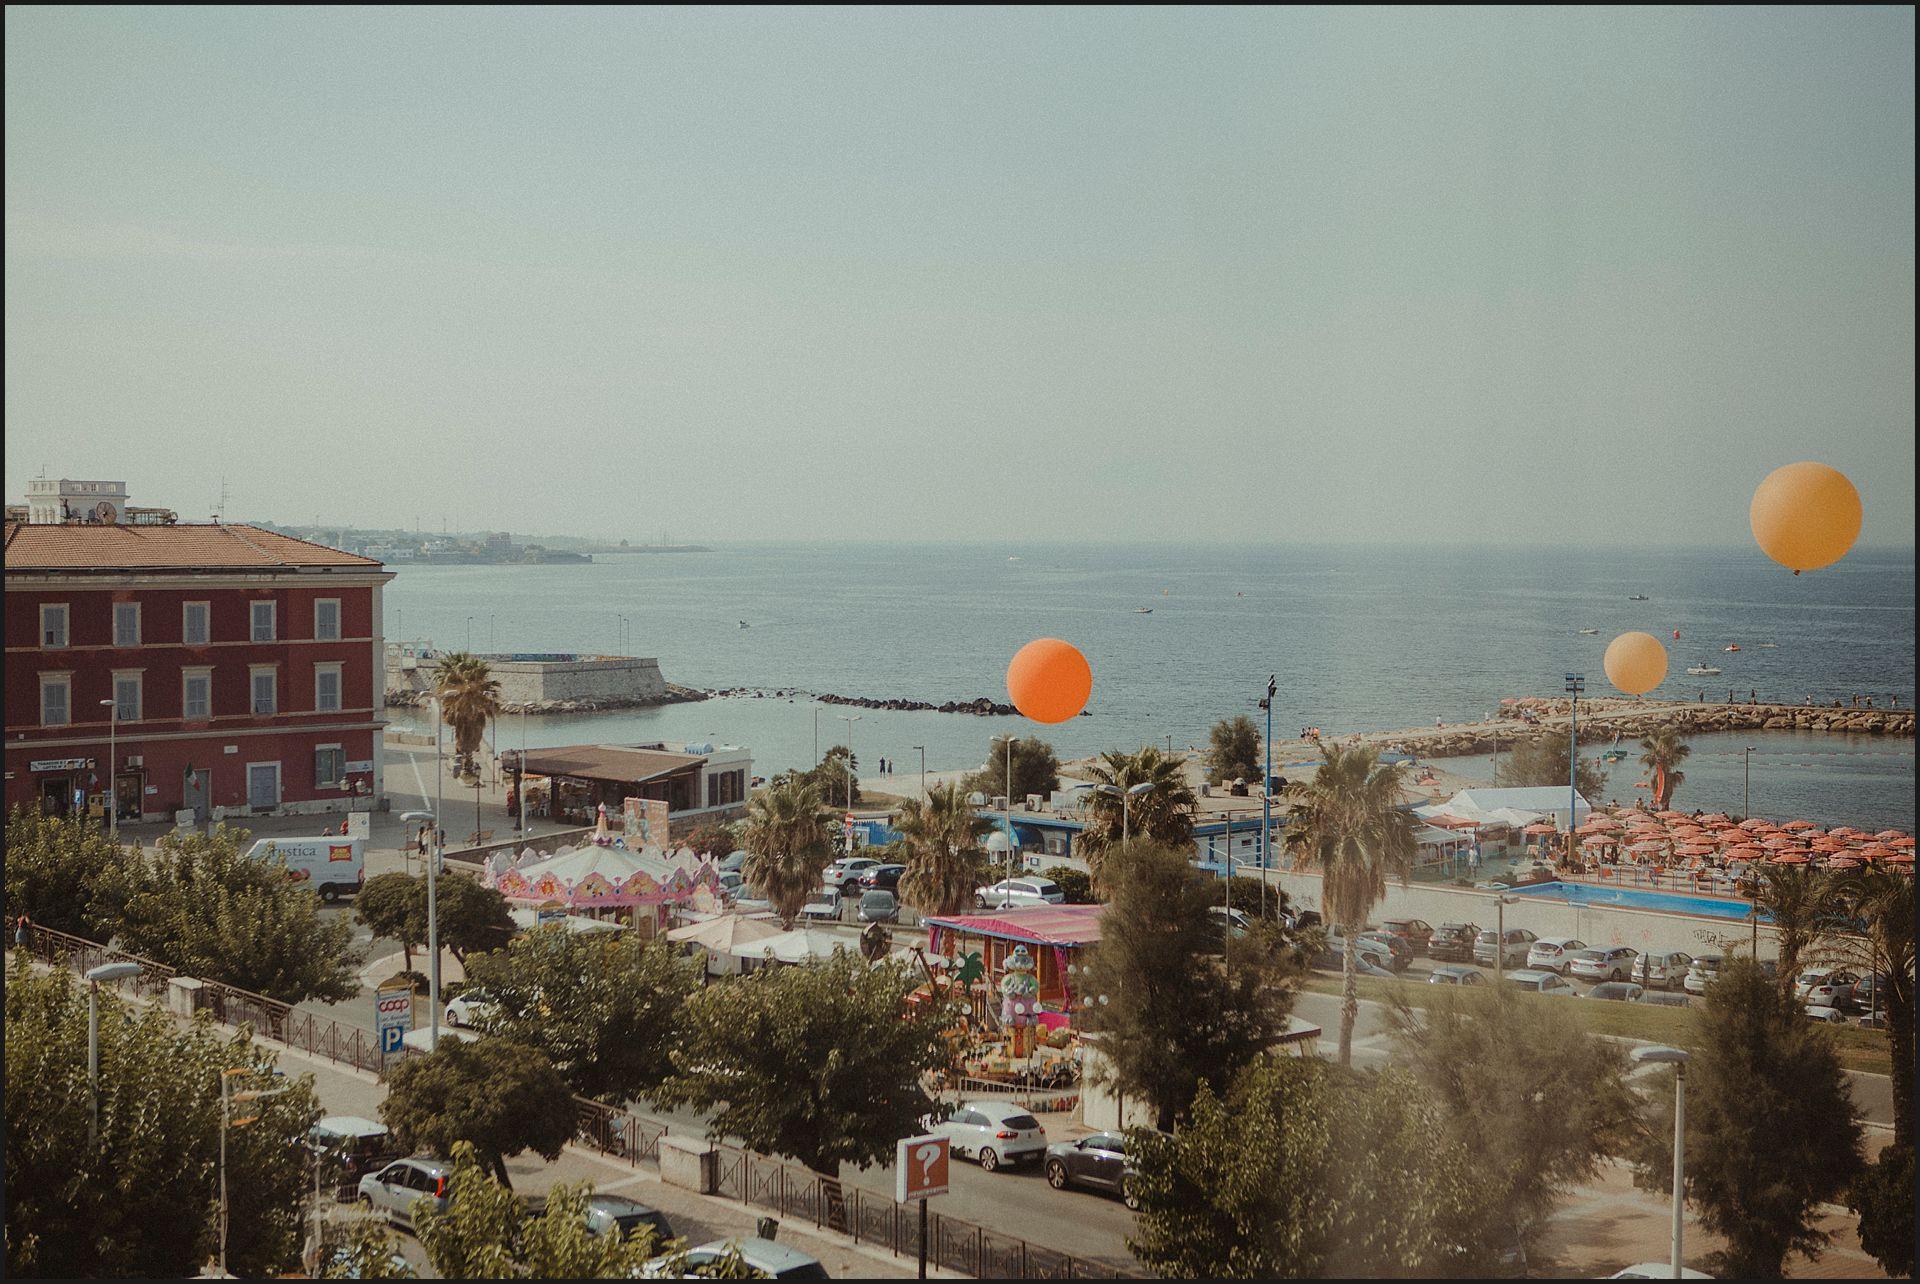 wedding, civitavecchia, landscape, sea, seaside, view